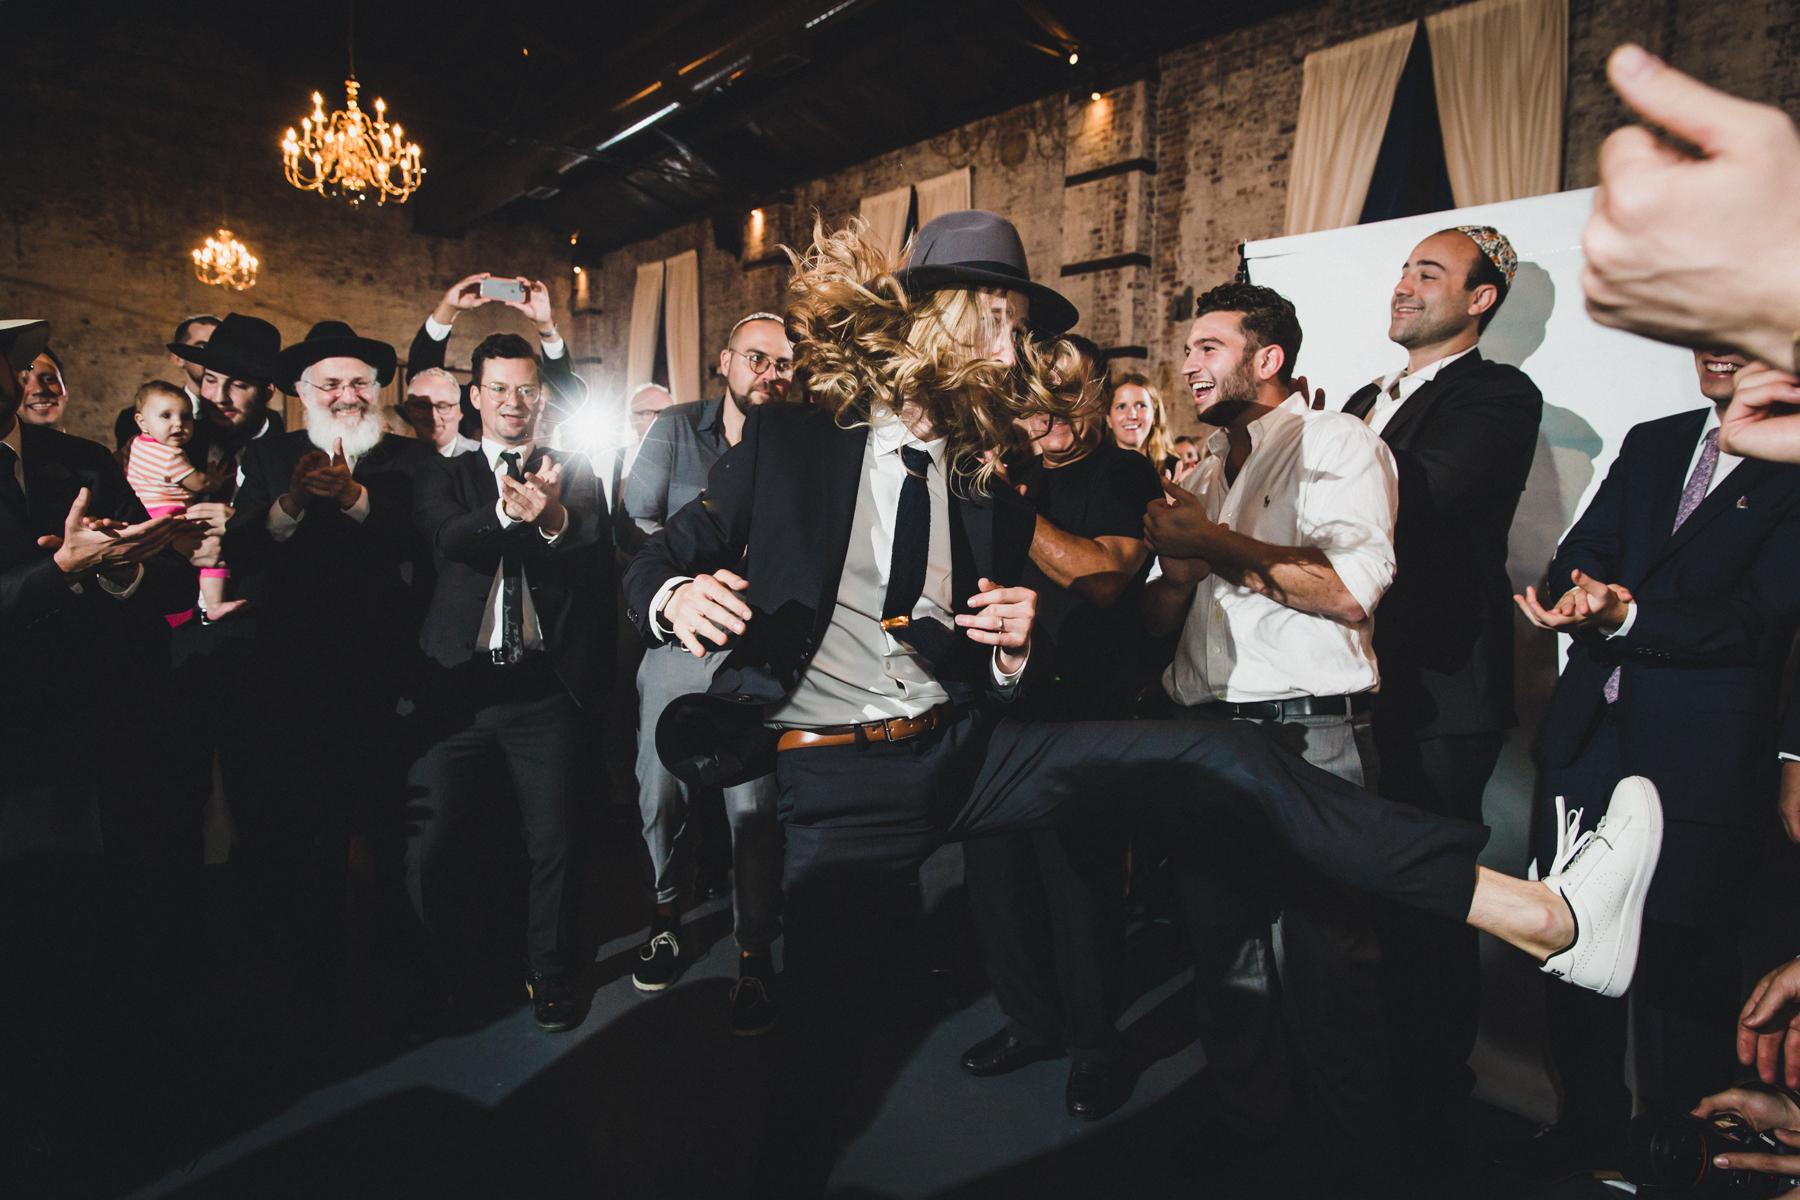 Wythe-Hotel-Green-Building-Brooklyn-Documentary-Wedding-Photography-105.jpg